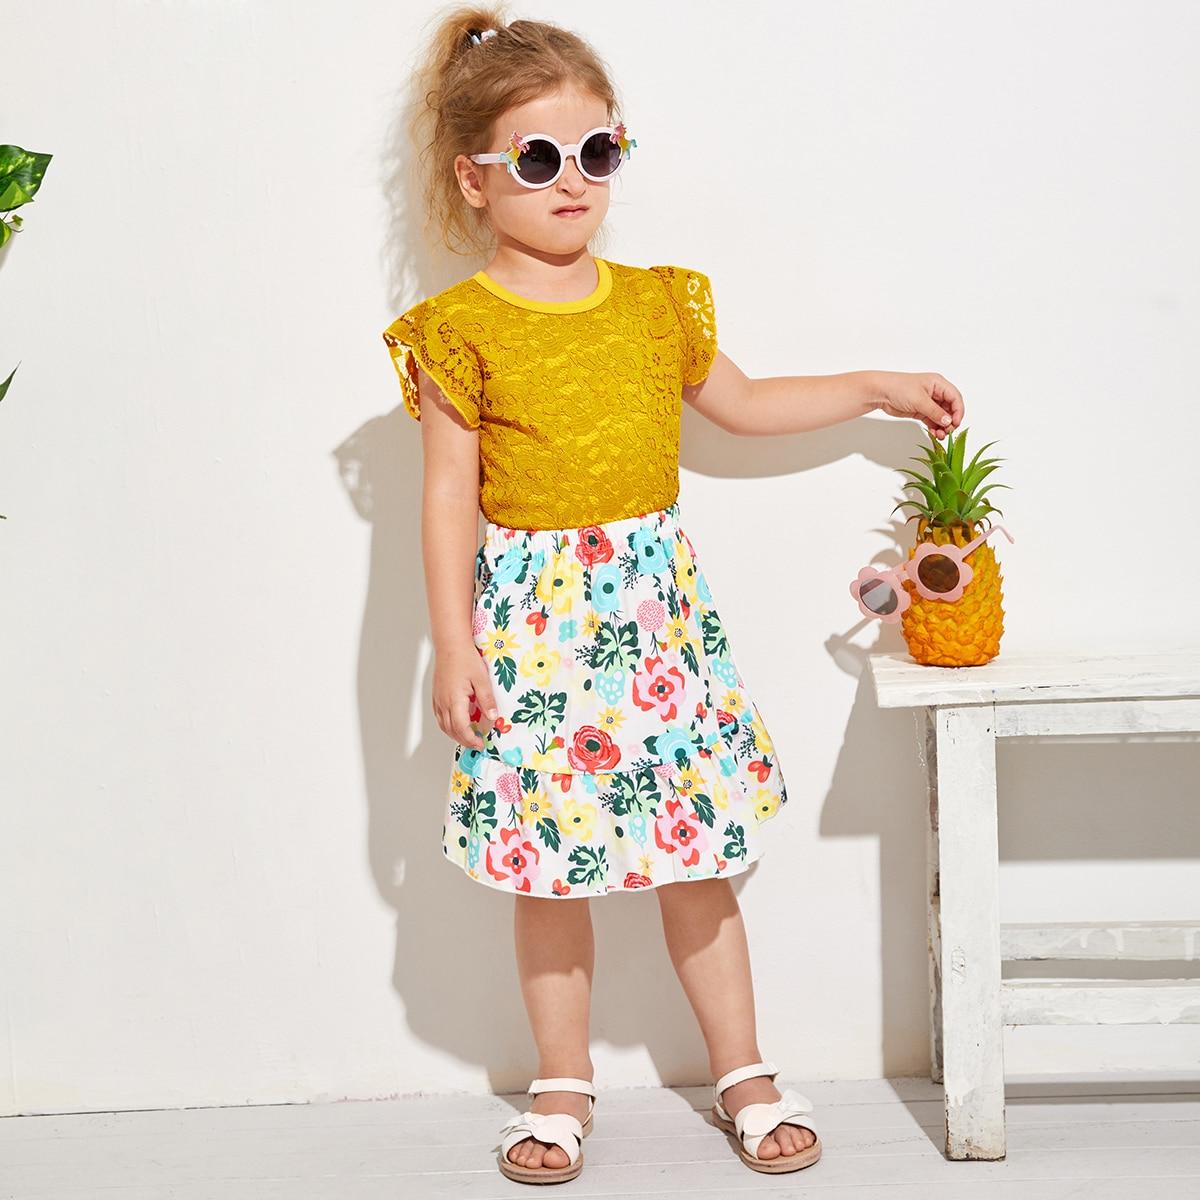 Кружевной топ и юбка с цветочным принтом для девочек фото